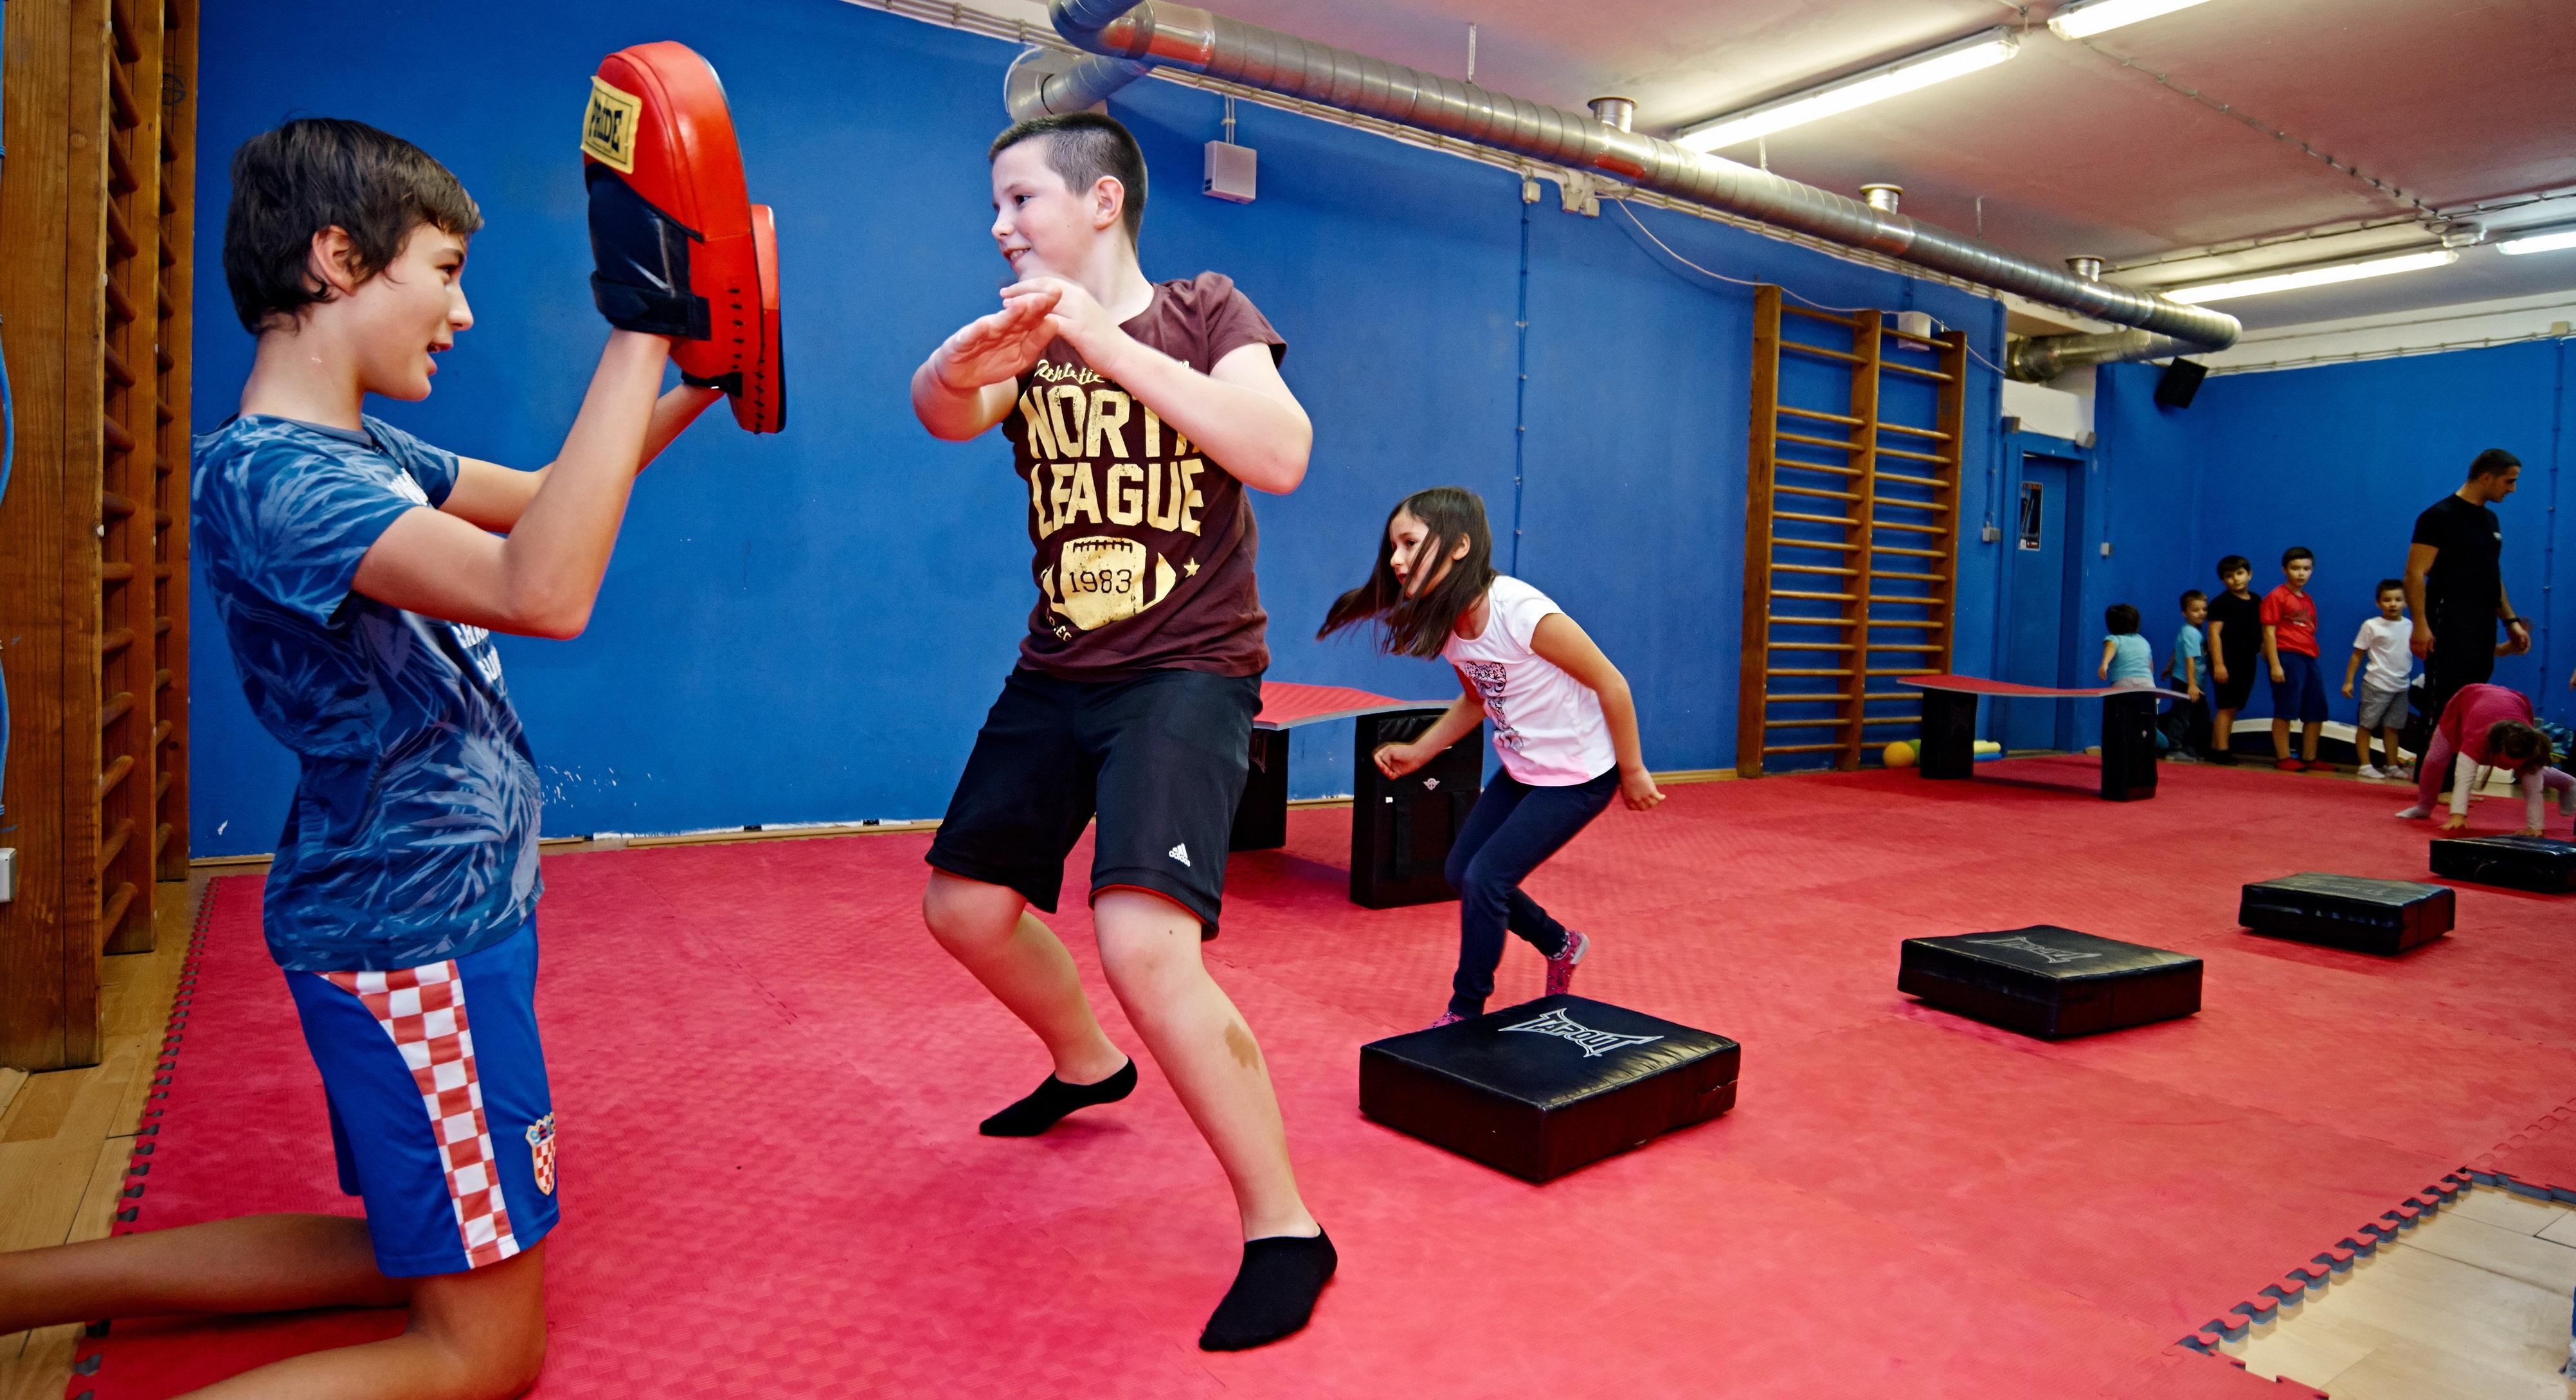 upoznavanje instruktora borilačkih vještina Beau zna datiranje